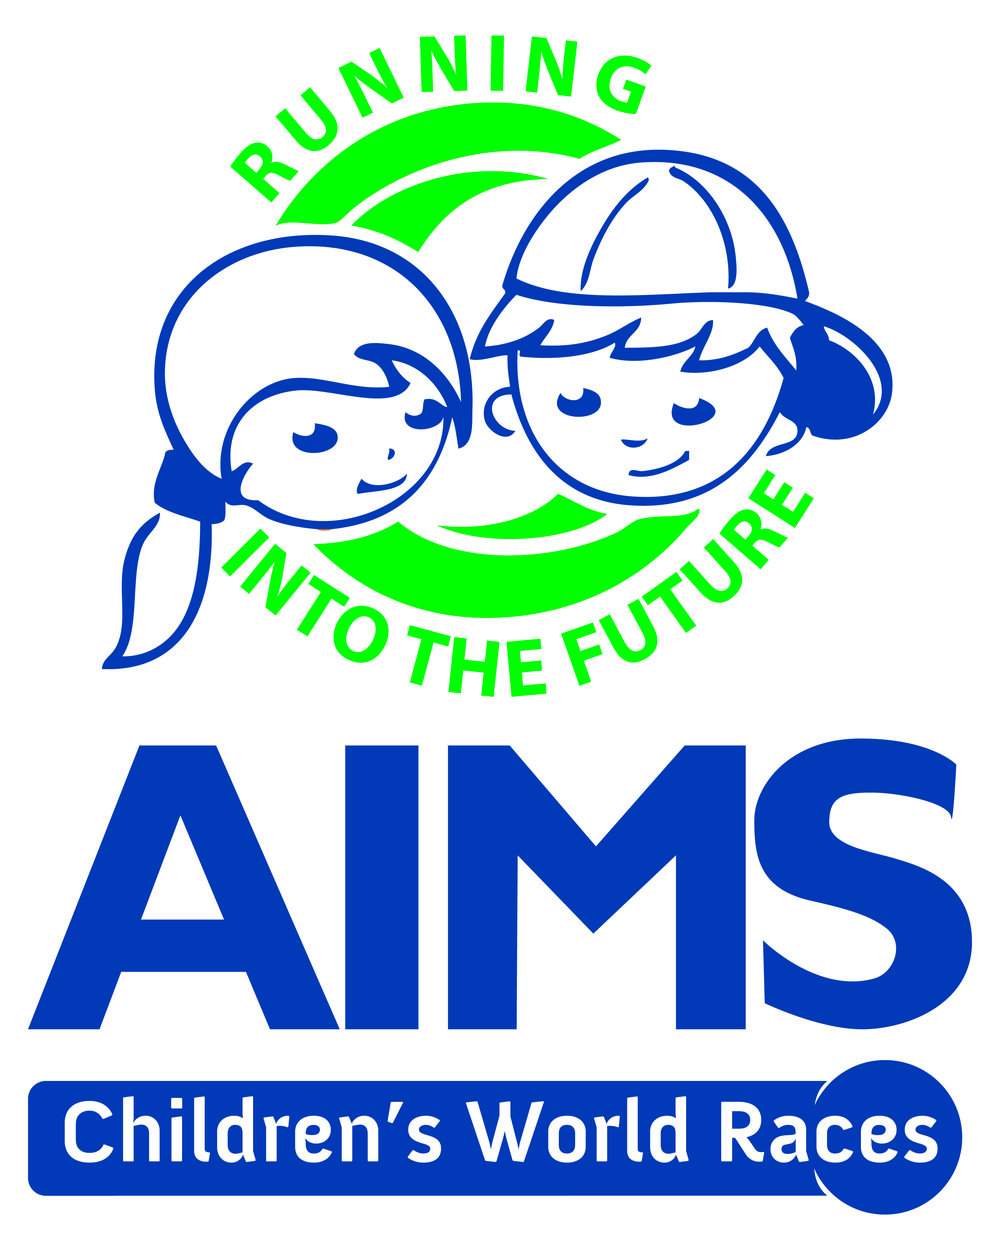 AIMS Children's World Races Logo.jpg